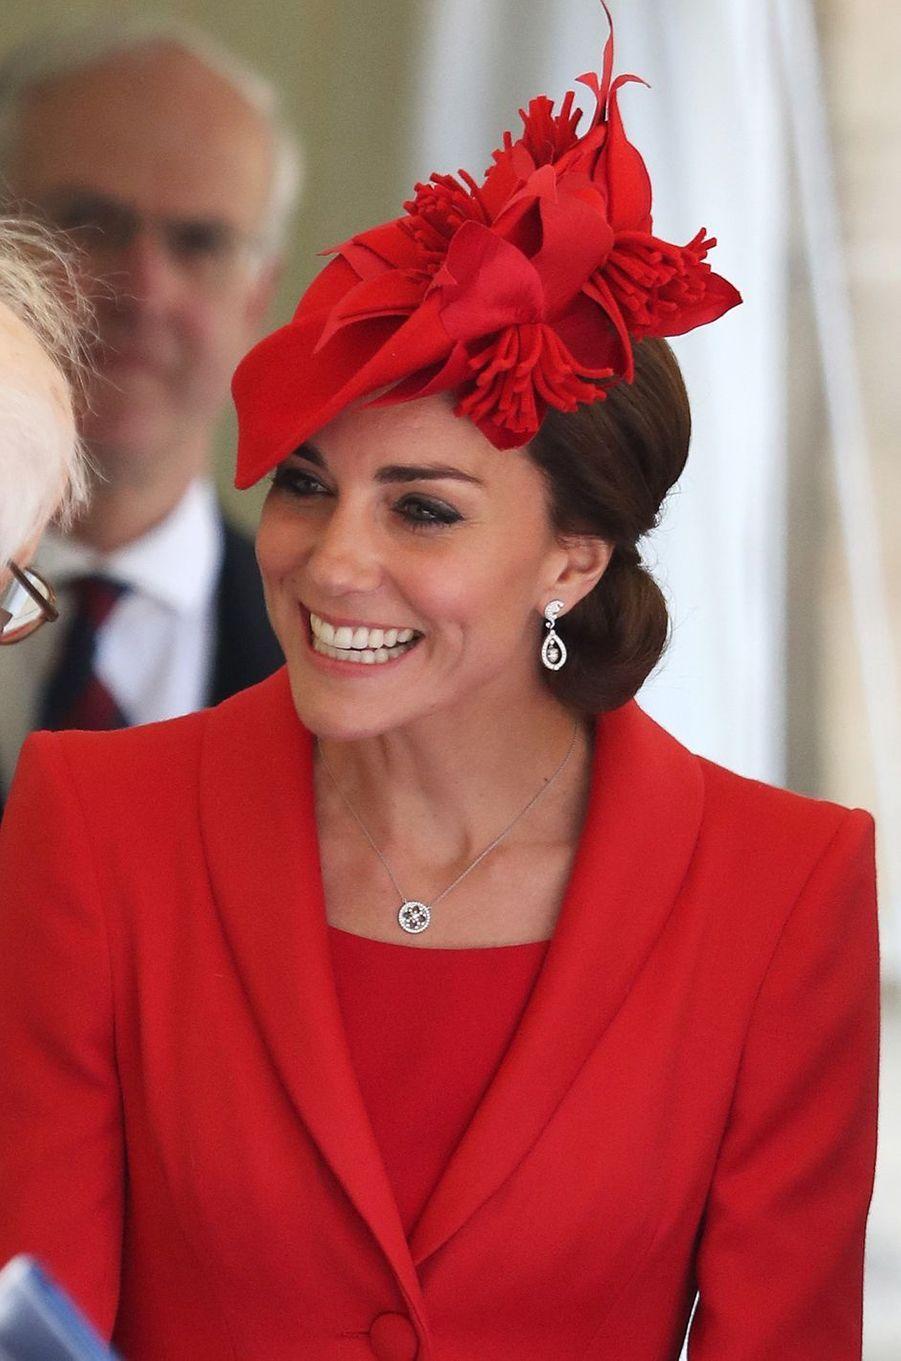 Aux côtés de la famille royale britannique ce lundi 13 juin pour la cérémonie annuelle de l'Ordre de la Jarretière conduite par la reine Elizabeth II, la duchesse de Cambridge était radieuse tout de rouge vêtue.